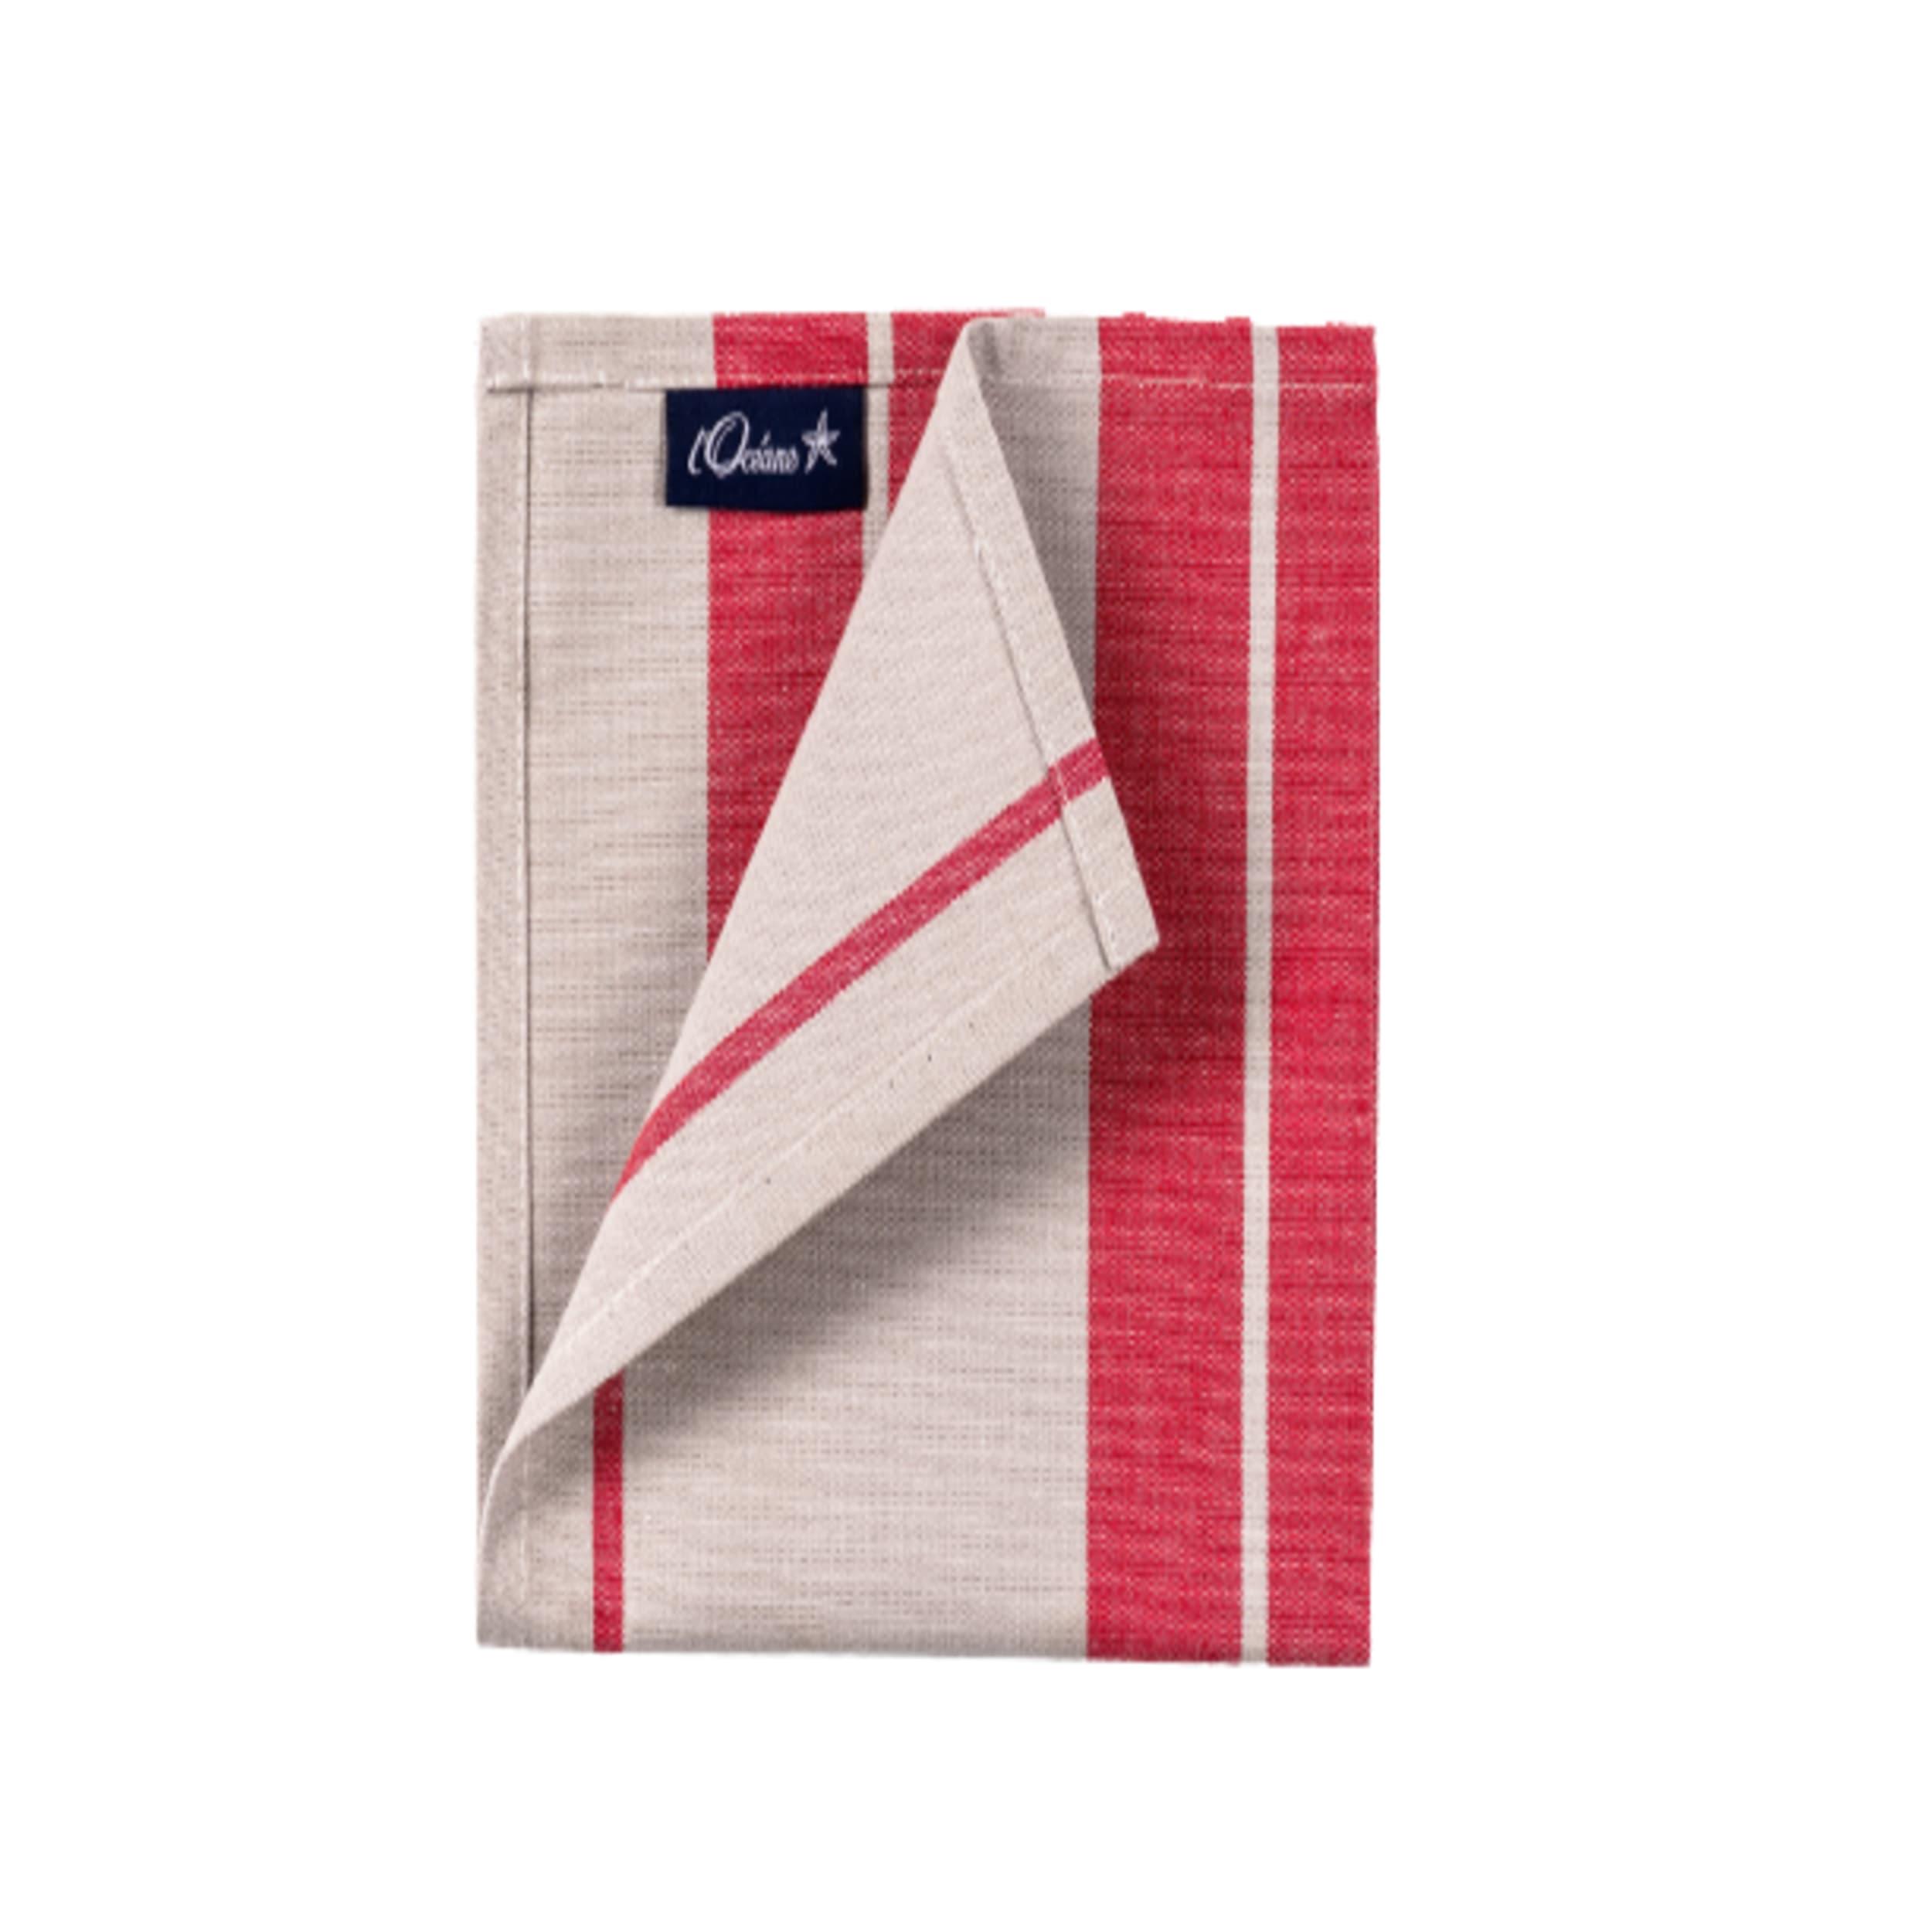 1 lot de 6 serviettes de table 100% coton rouge 50 x 50 cm